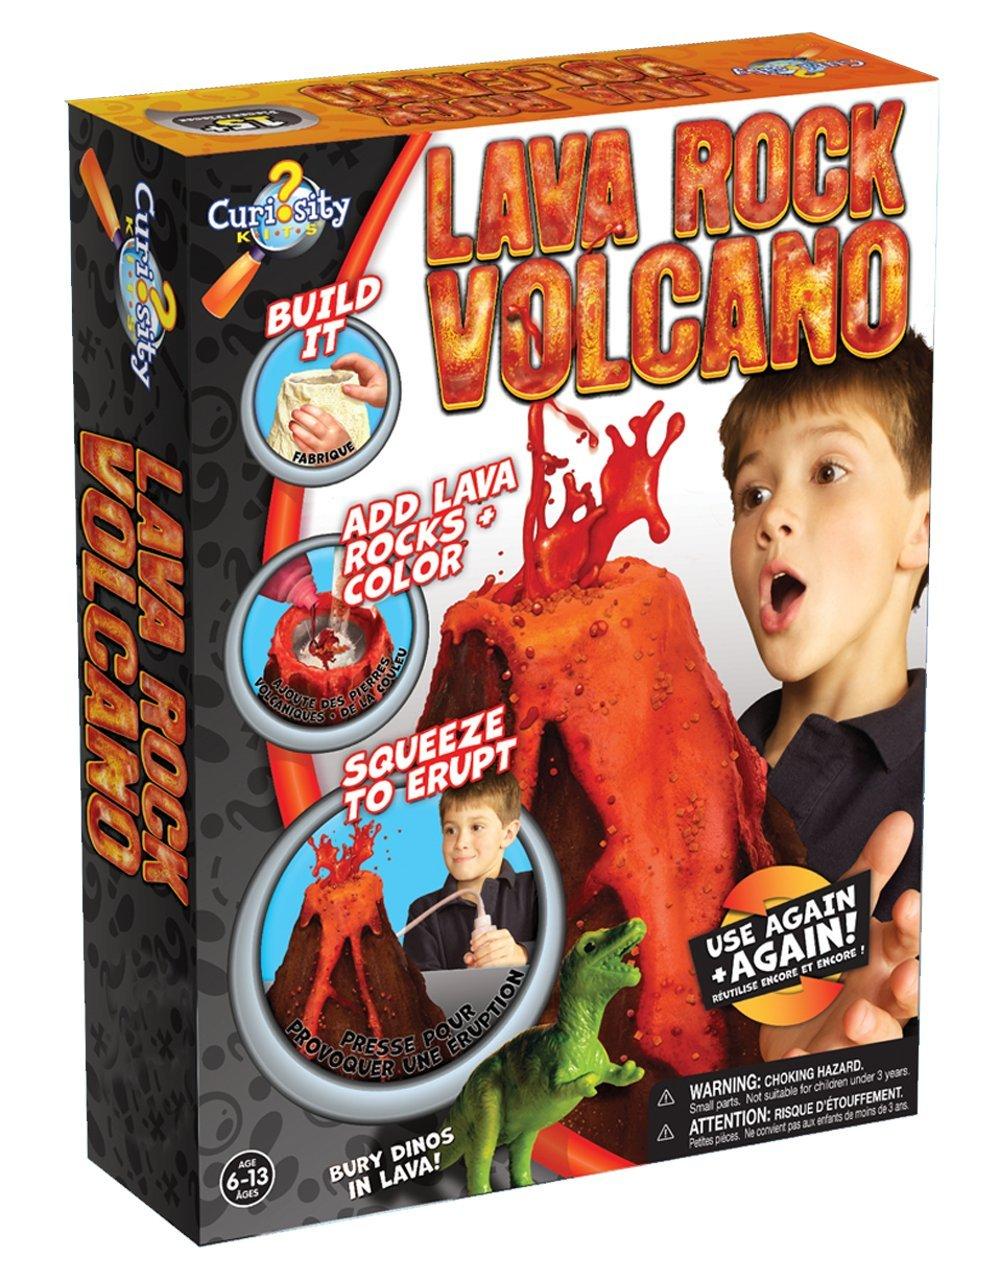 Curiosity Kits Lava Rock Volcano